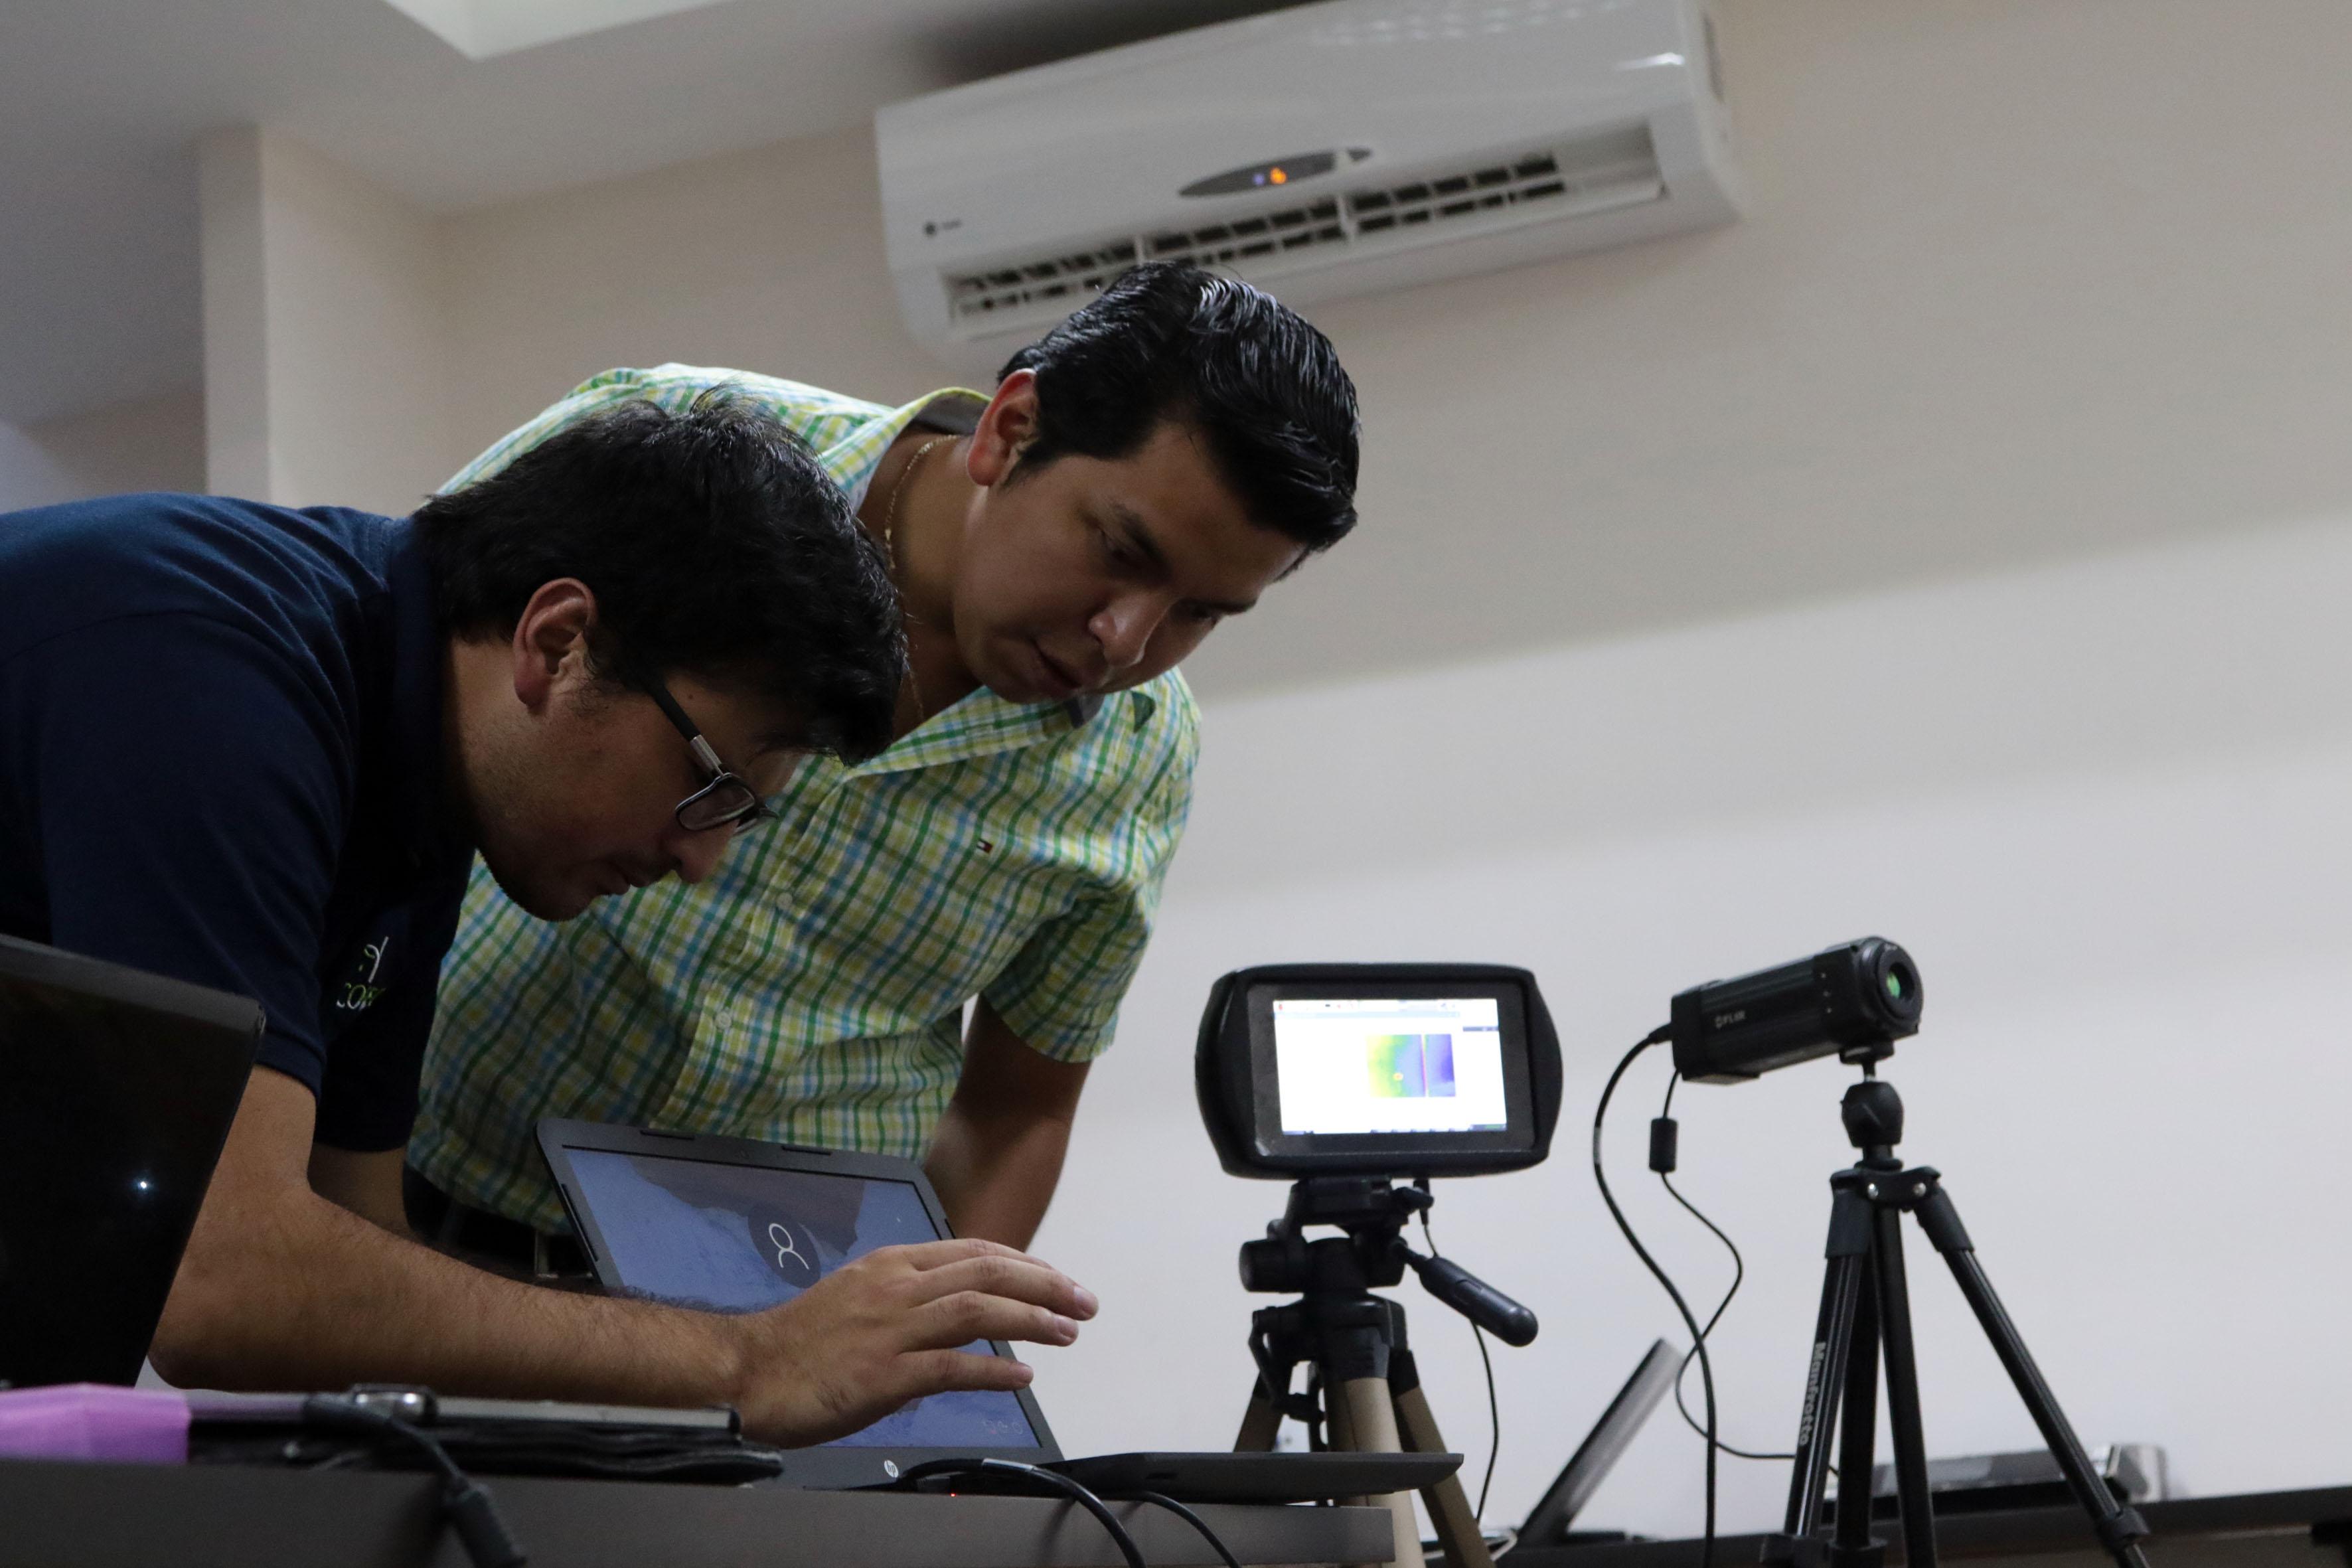 Expositores instalan cámaras y demás dispositivos electrónicos